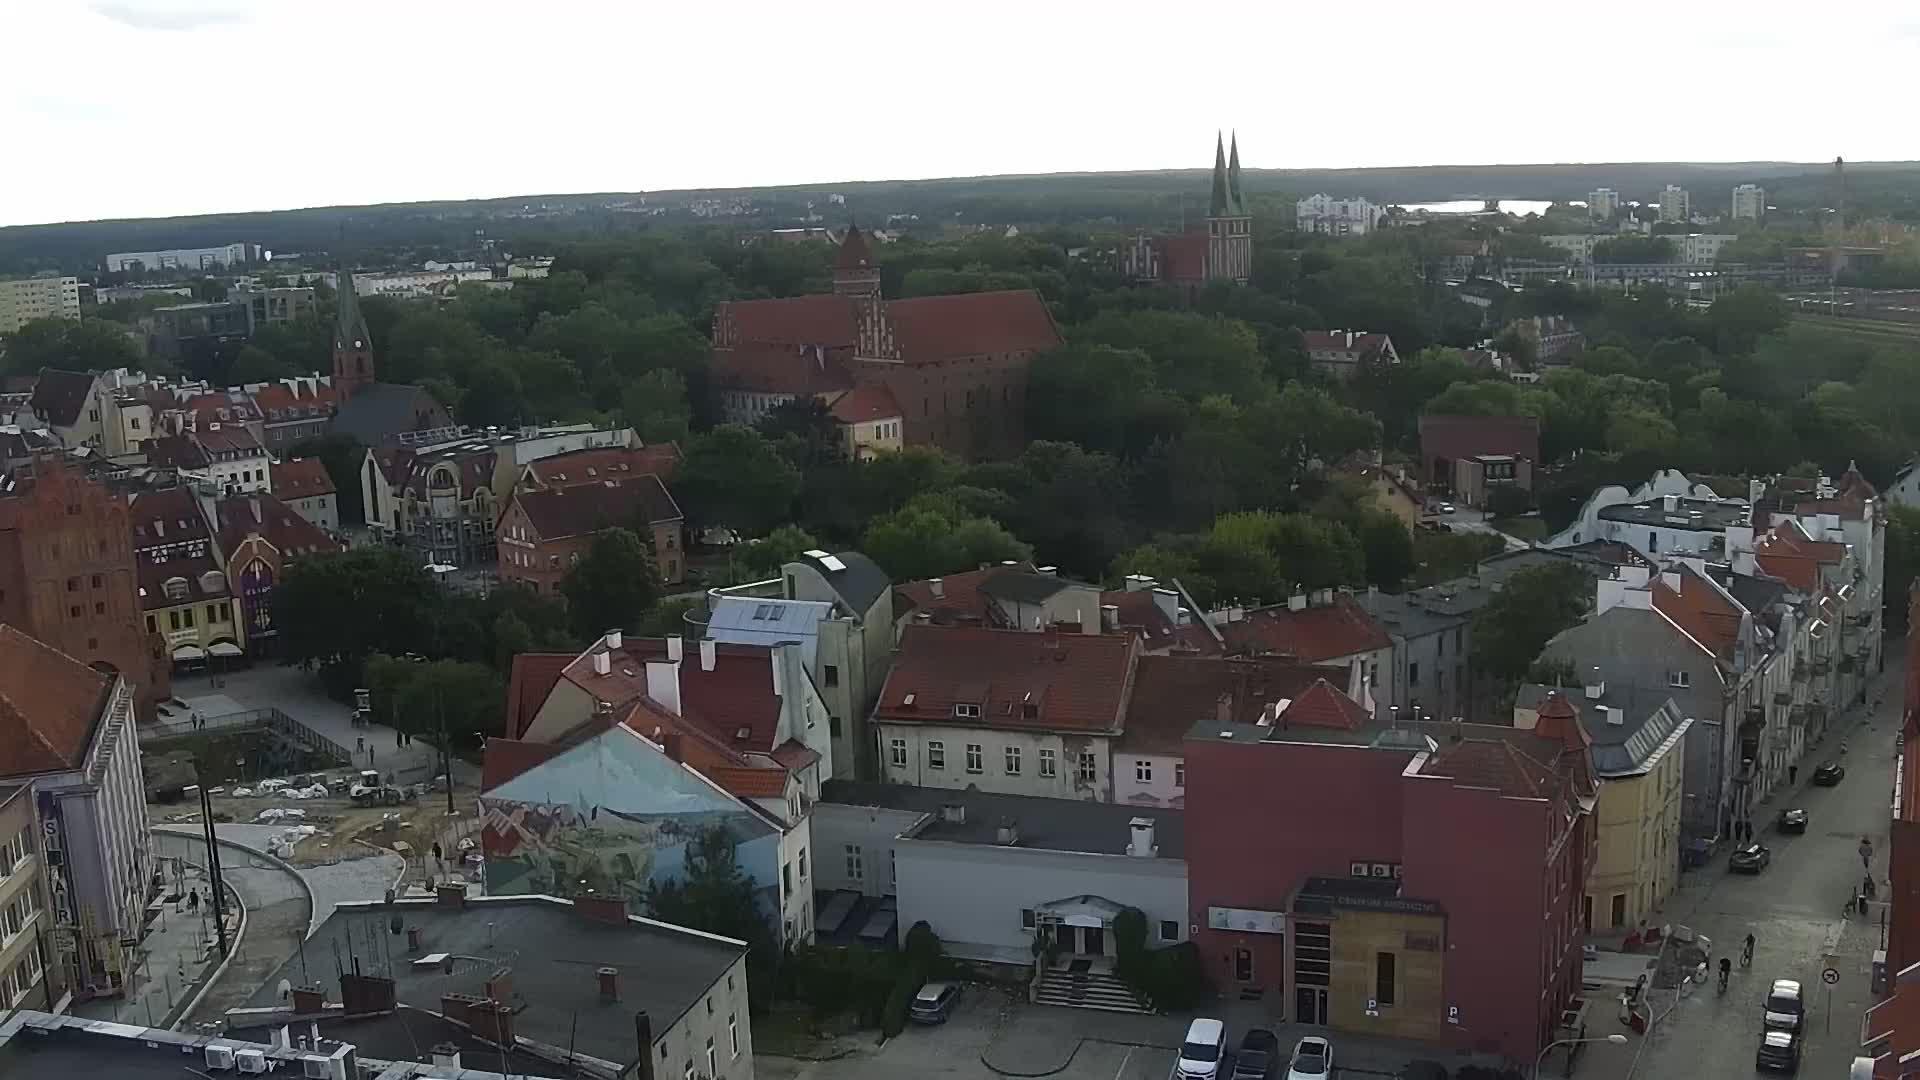 Веб-камера показывает аэроклуб, г.Ольштын